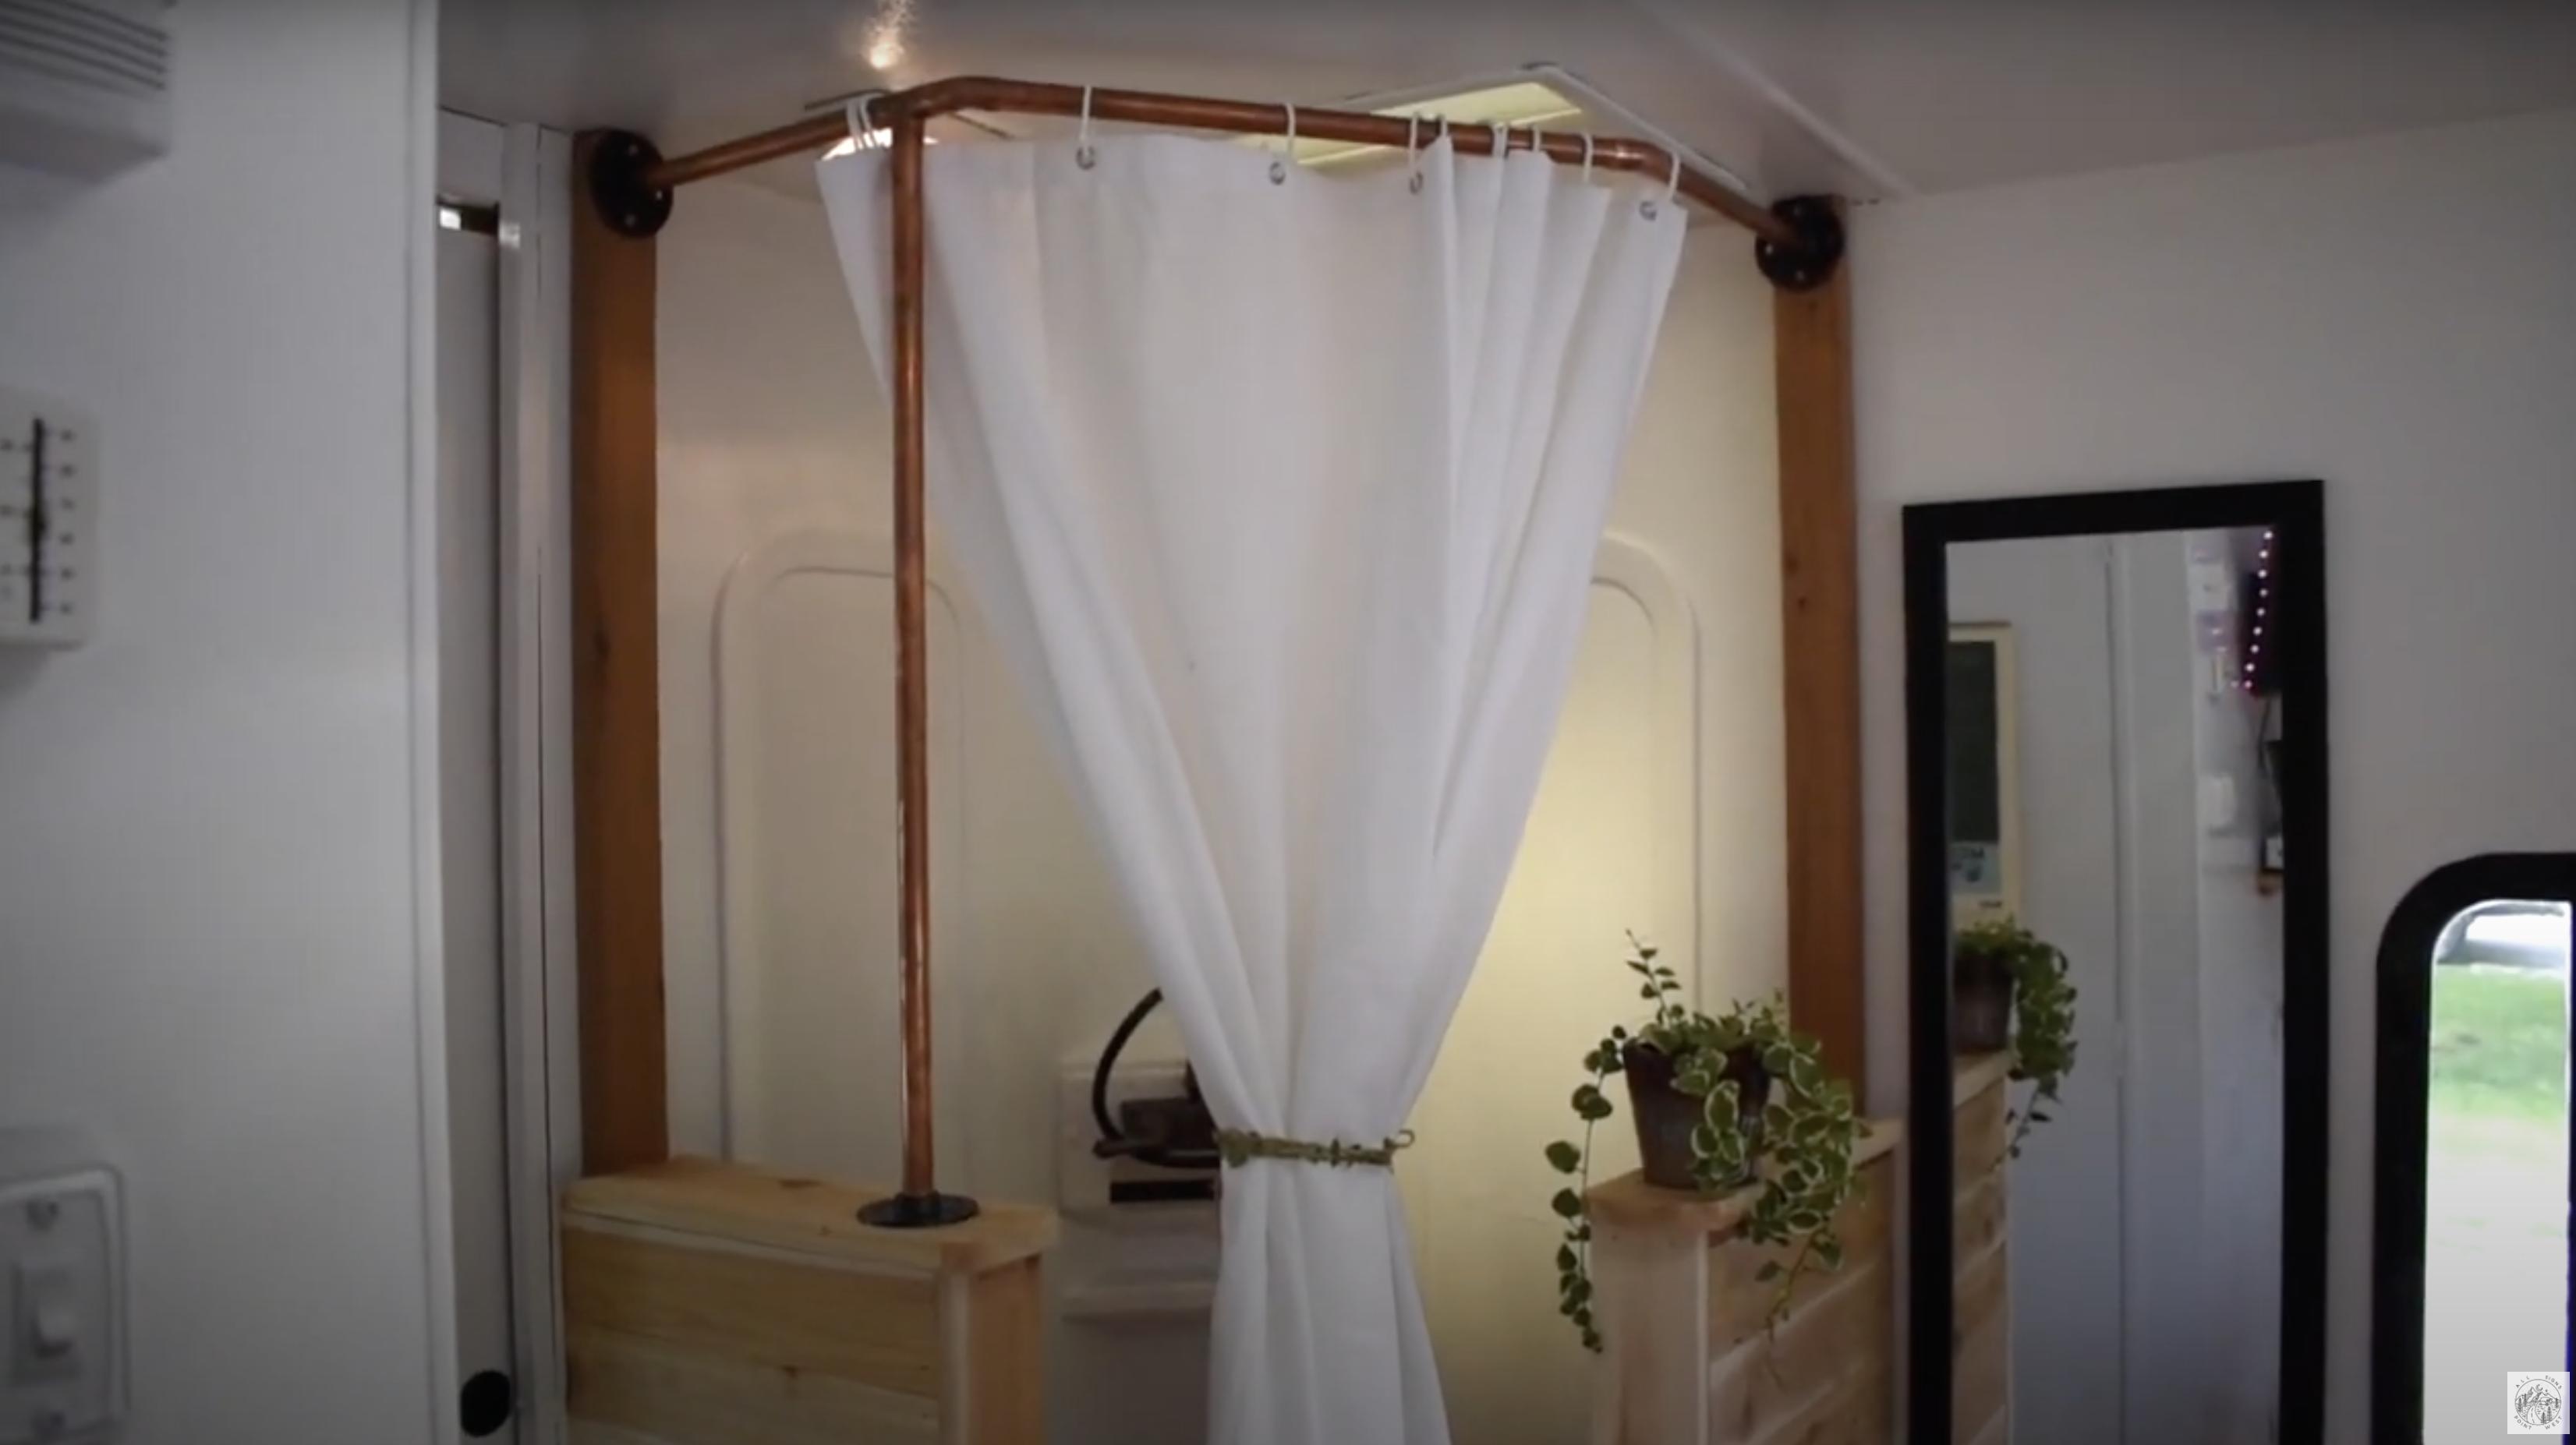 best RV bathroom design with shower